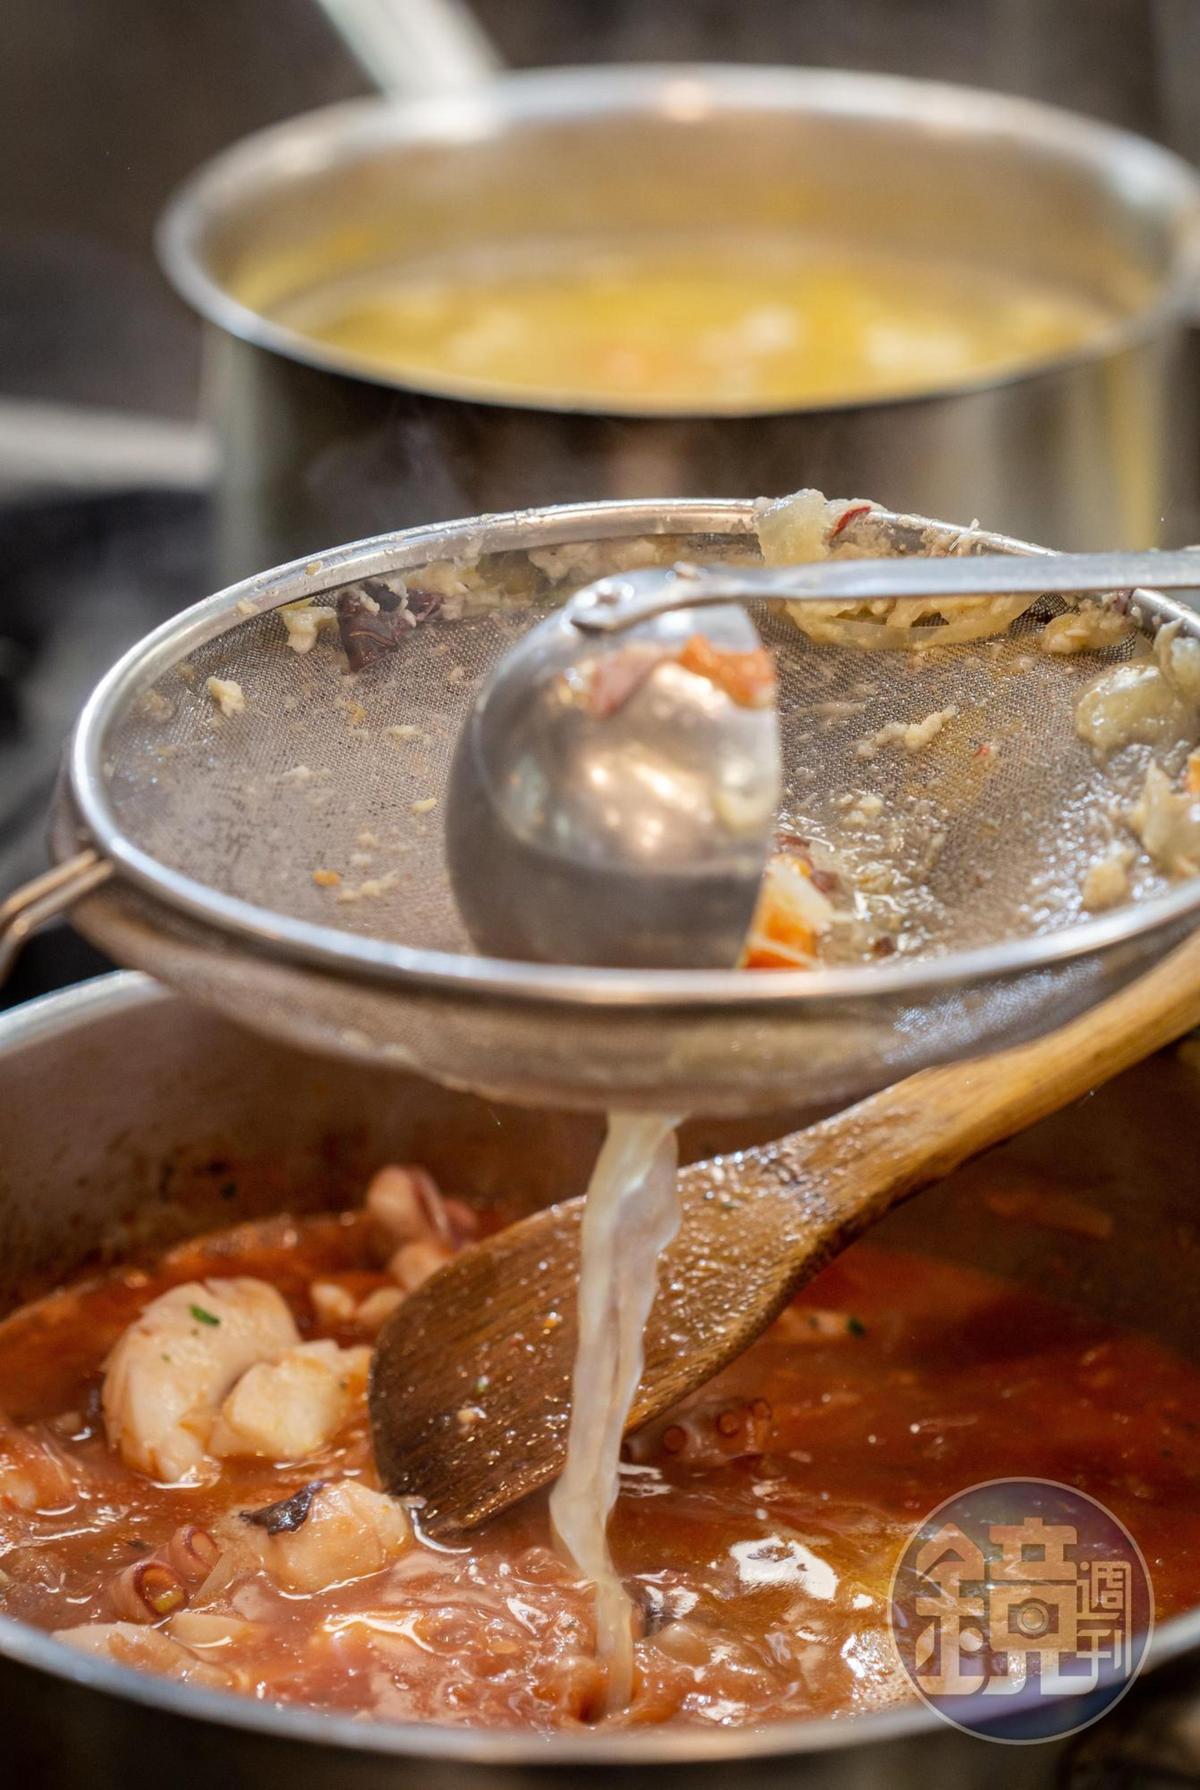 義式燉海鮮會以蔬果魚骨魚頭高湯增鮮。